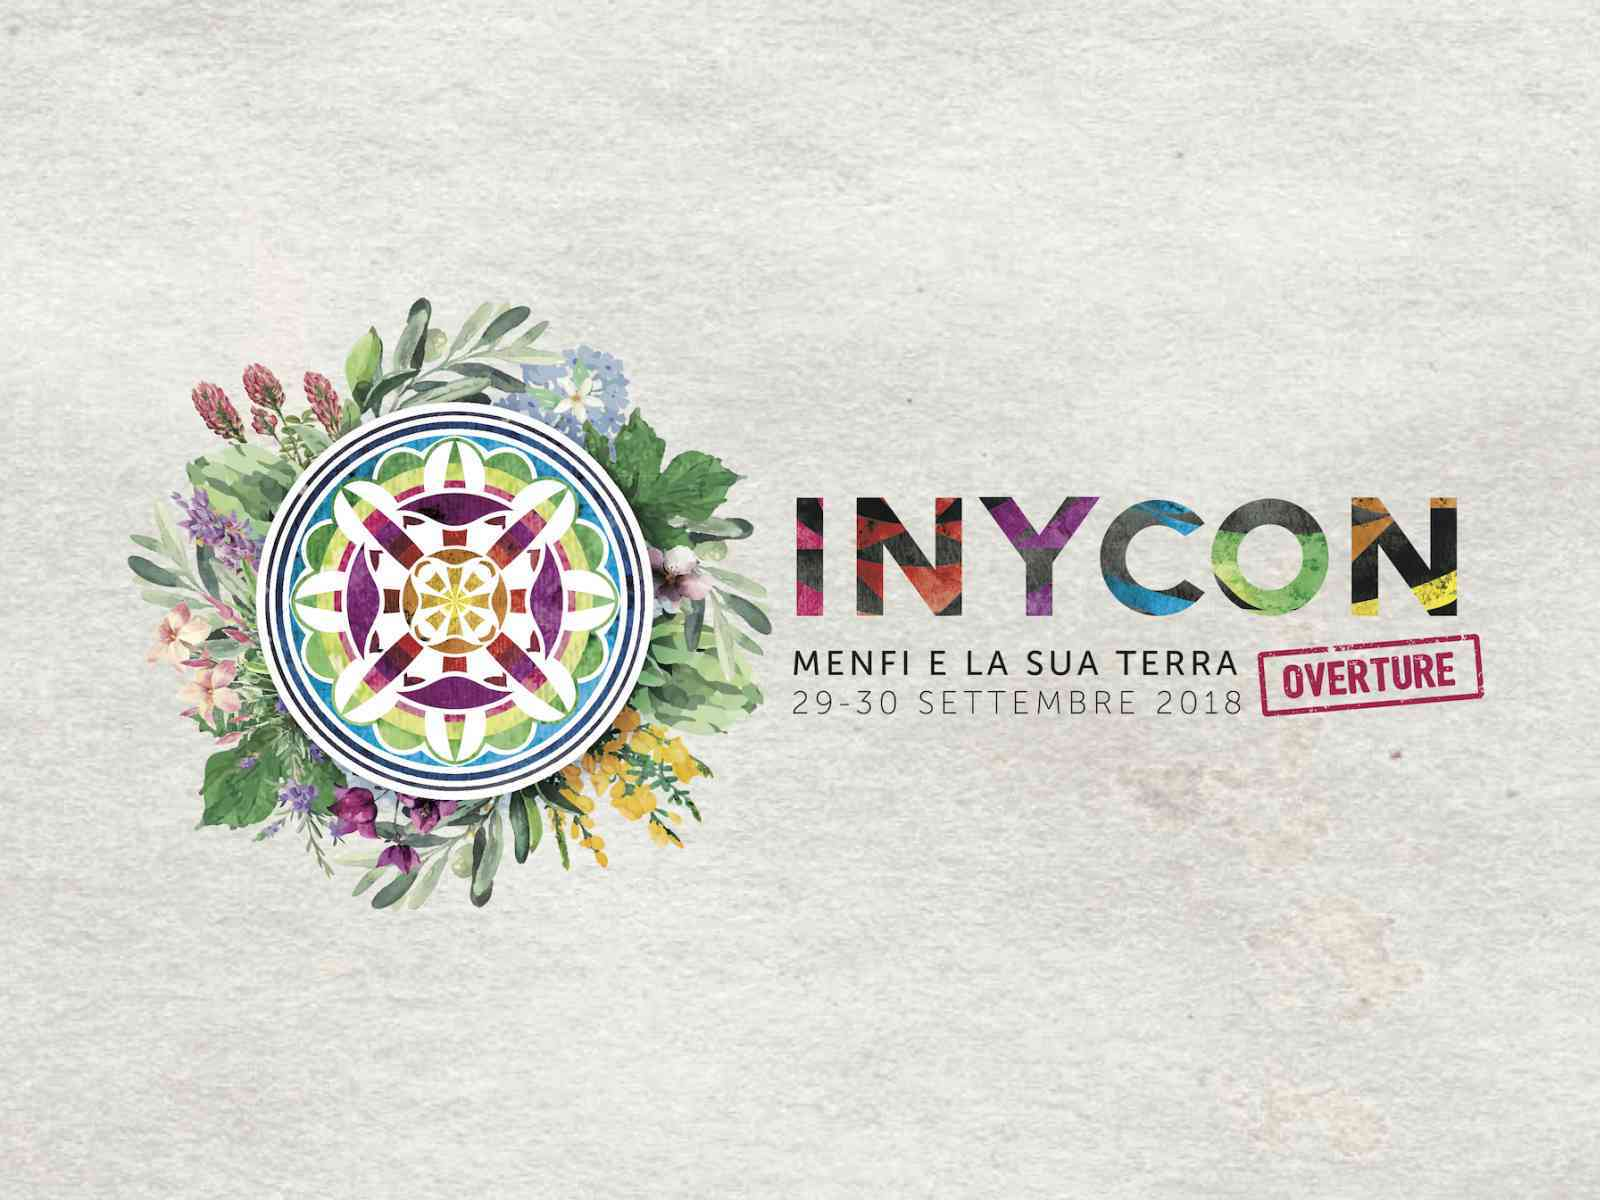 Immagine articolo: Menfi. Inycon 2018, la 23ma edizione dell'evento il 29 e 30 settembre 2018